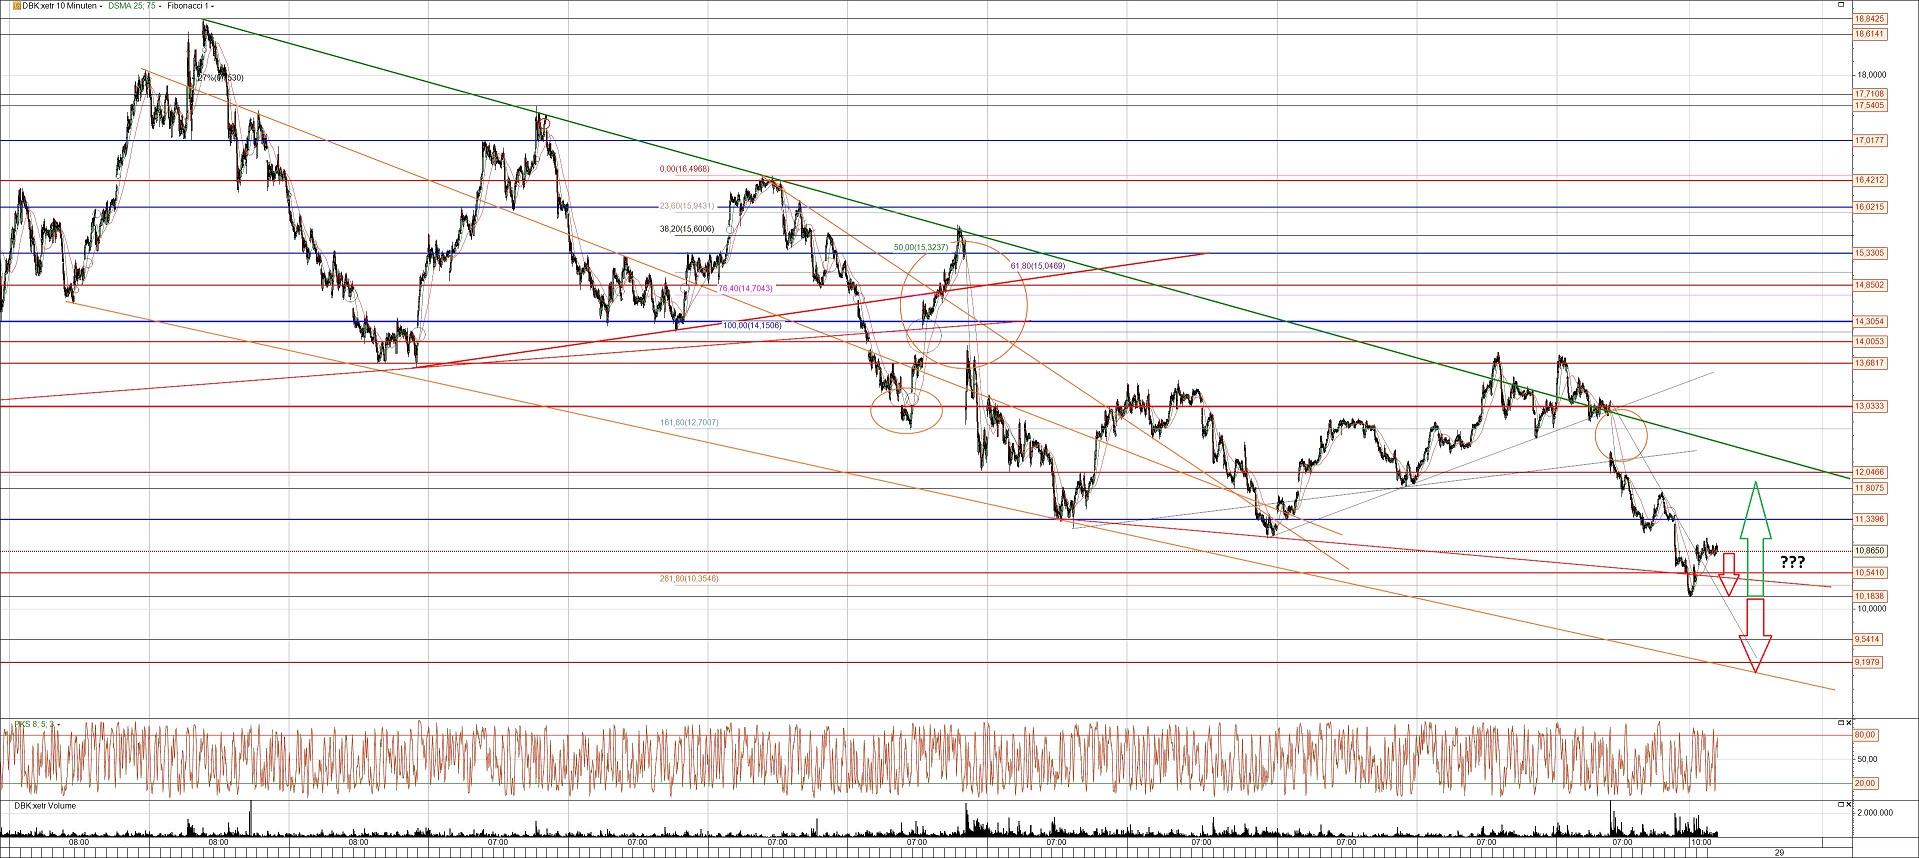 Deutsche Bank Aktie Chart mit Trend